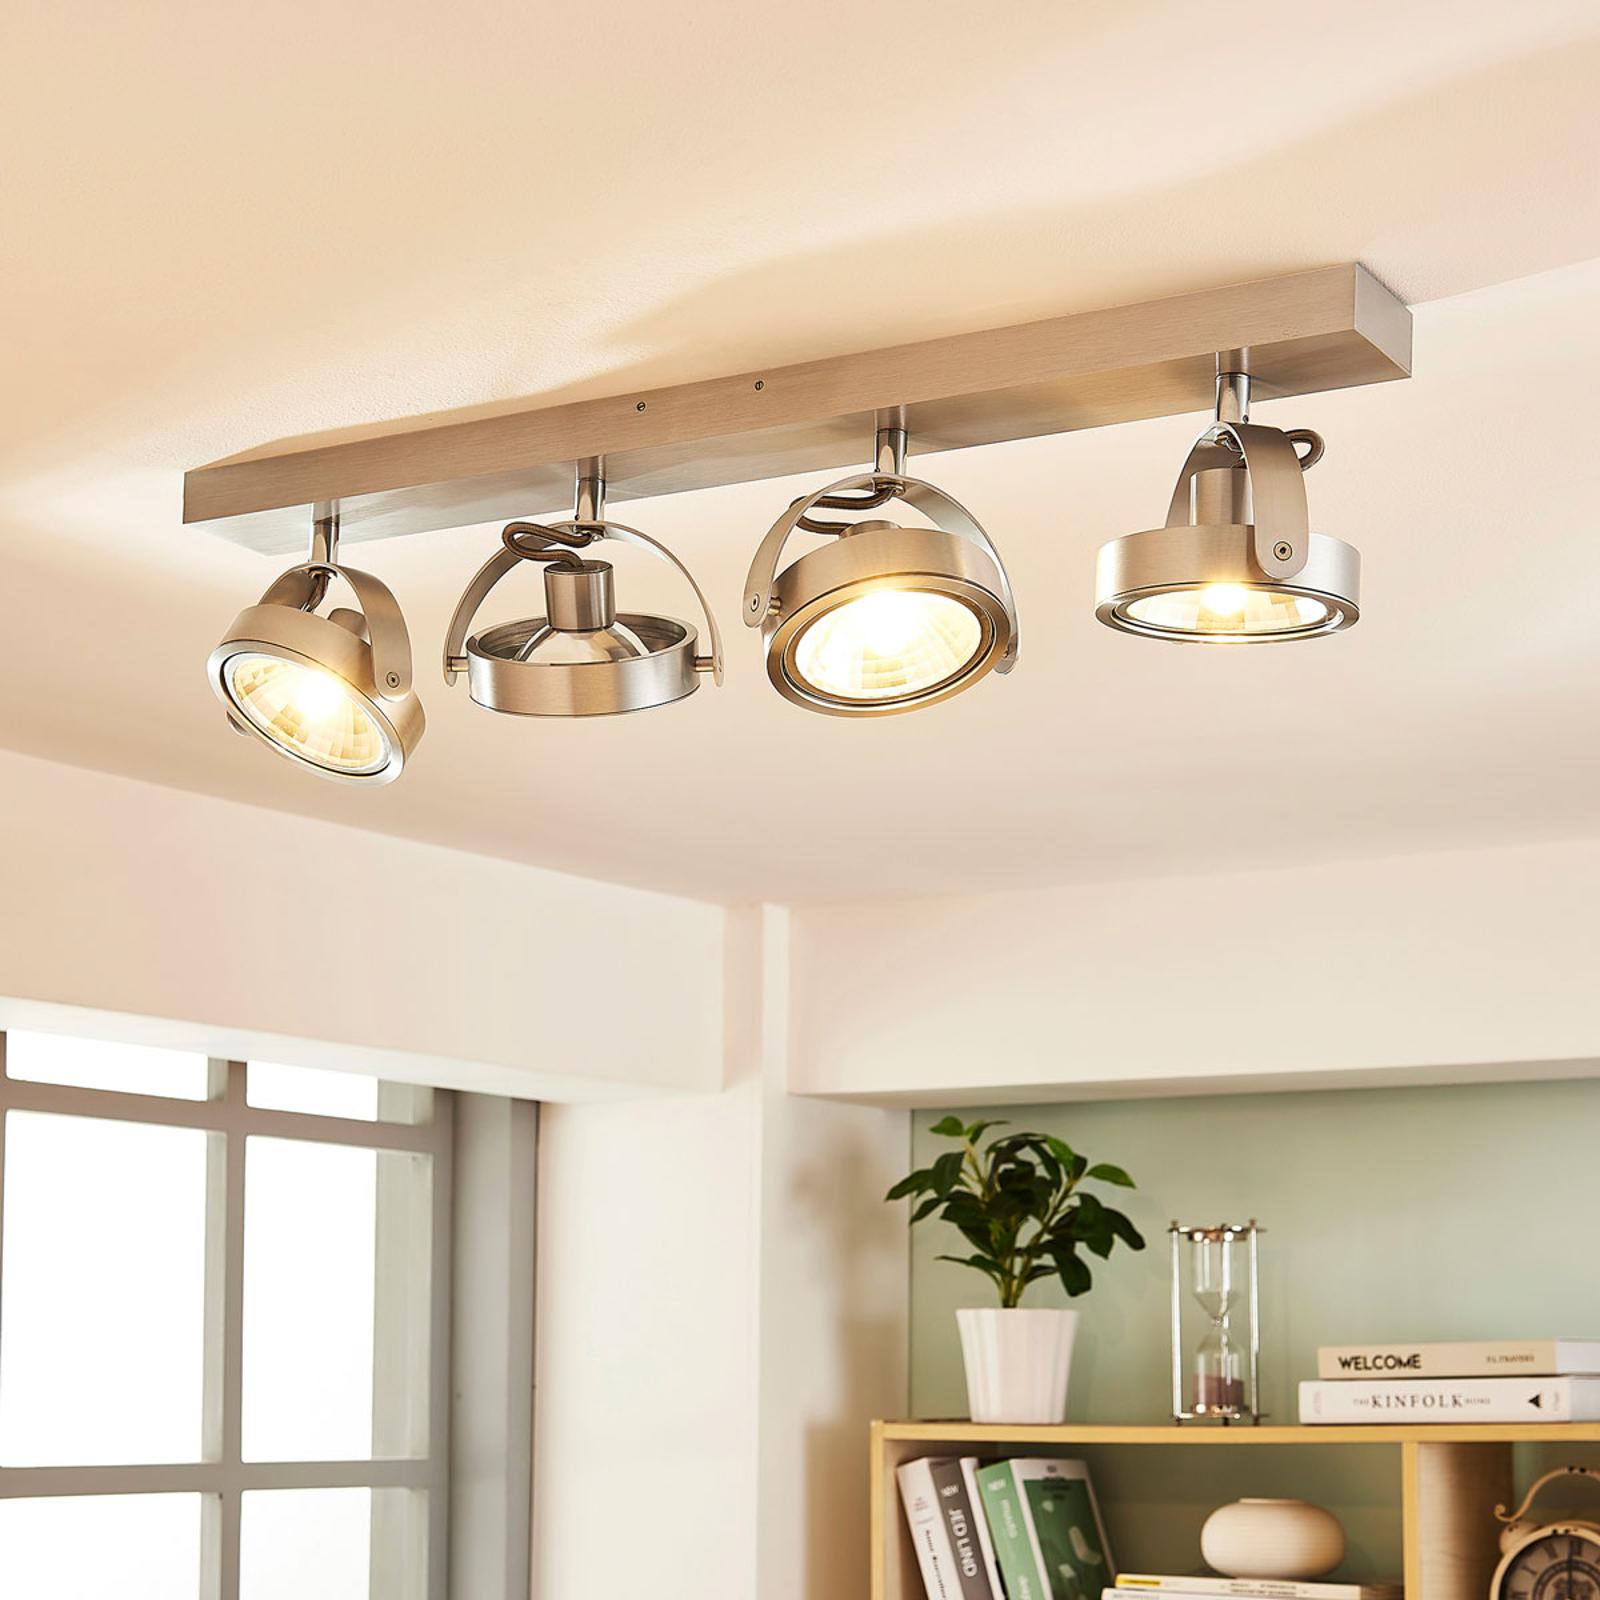 Plafonnier LED à 4 lampes Lieven, alu